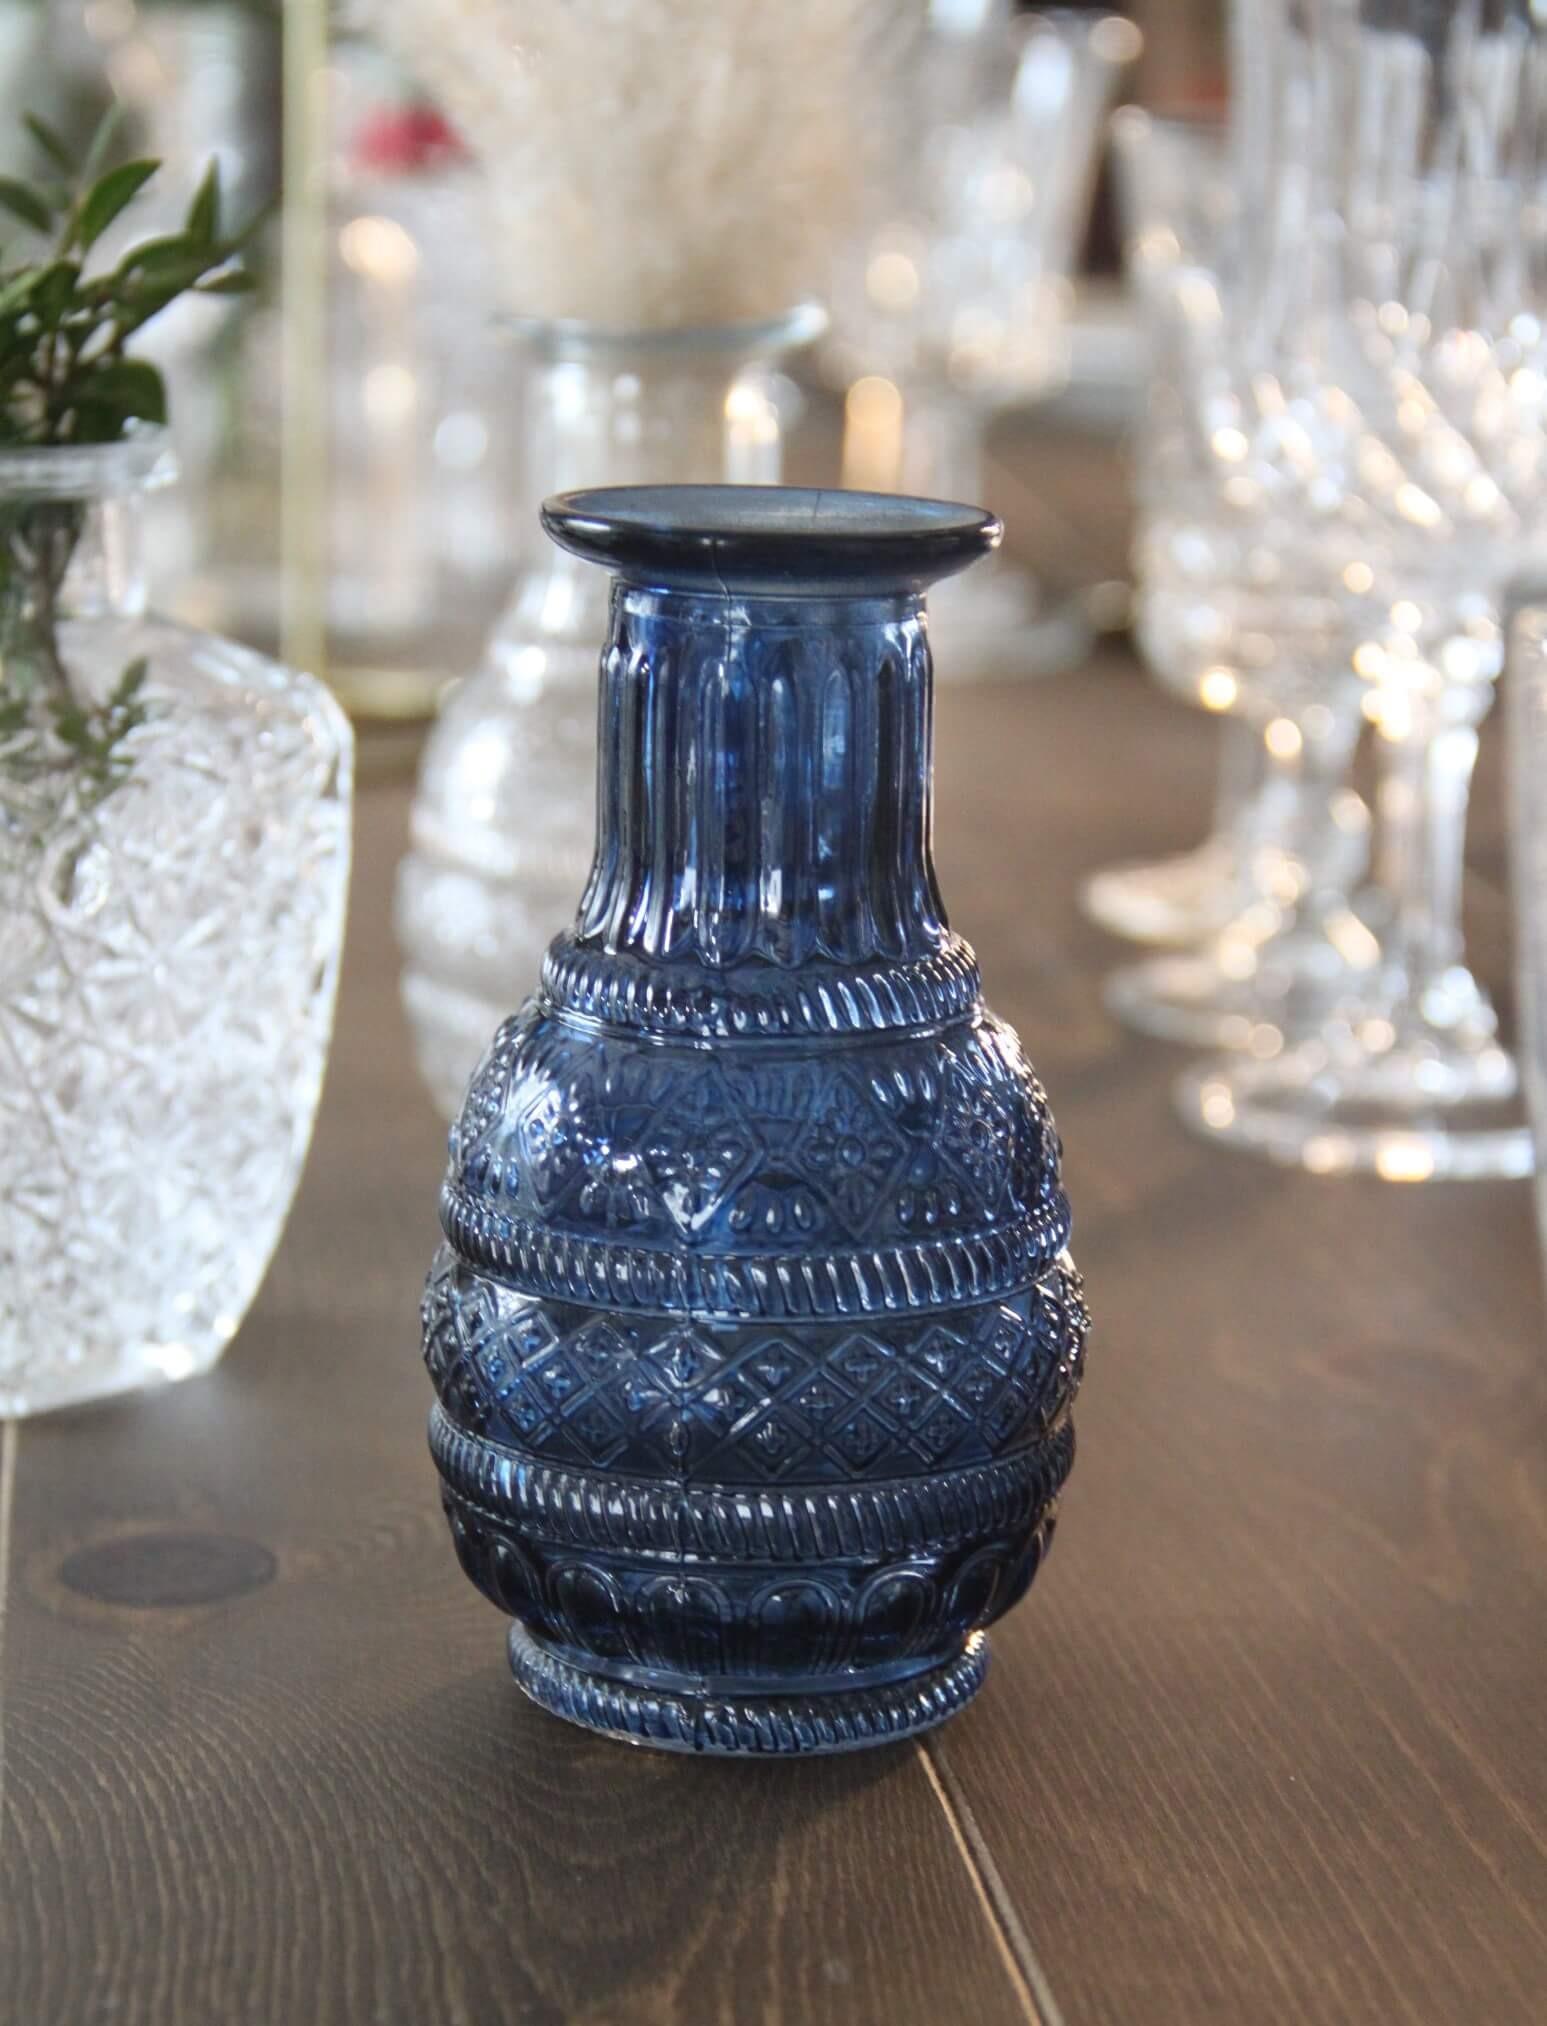 Petit vase bleu motif vintage rétro 7.5x13cm